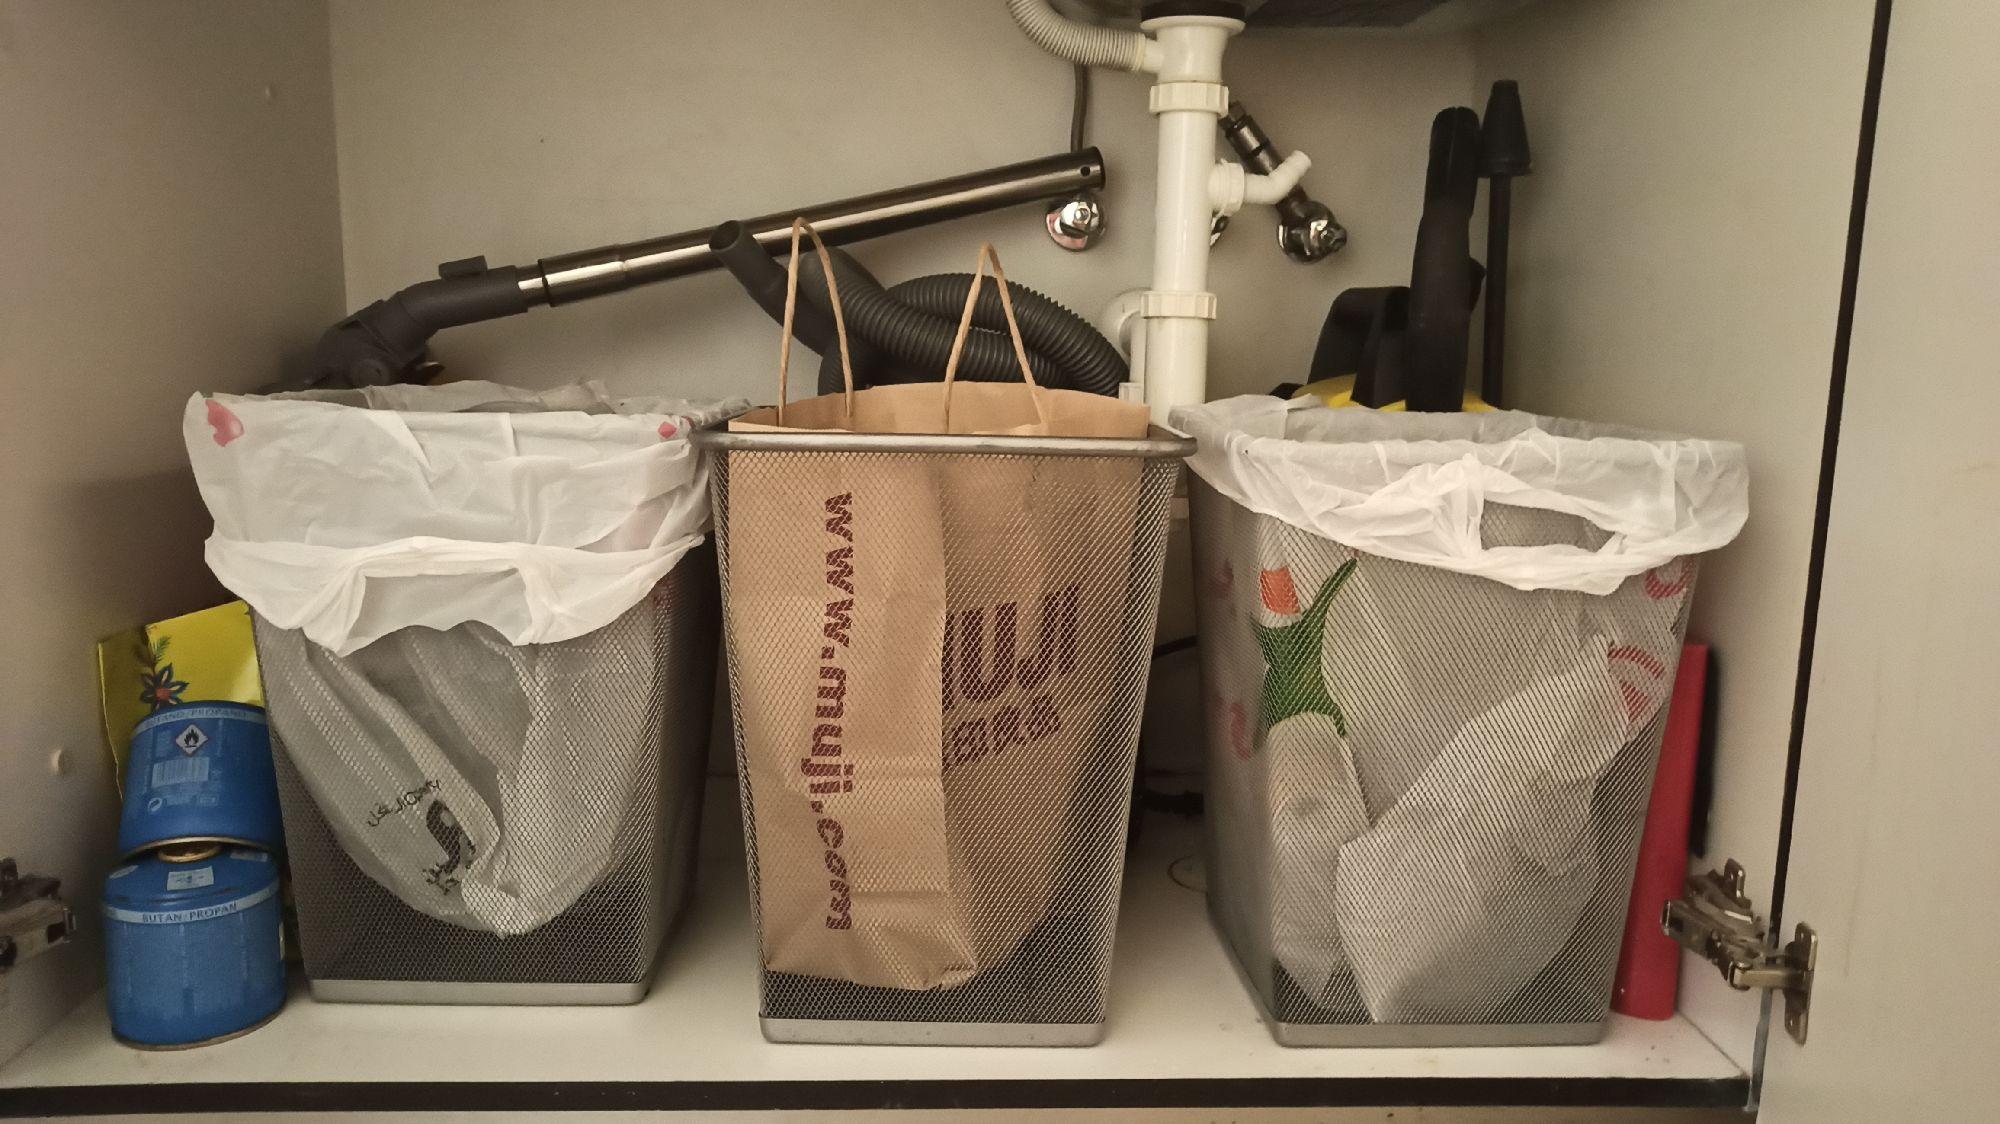 Мусорные корзины слева направо: пластик, бумага, консервы.